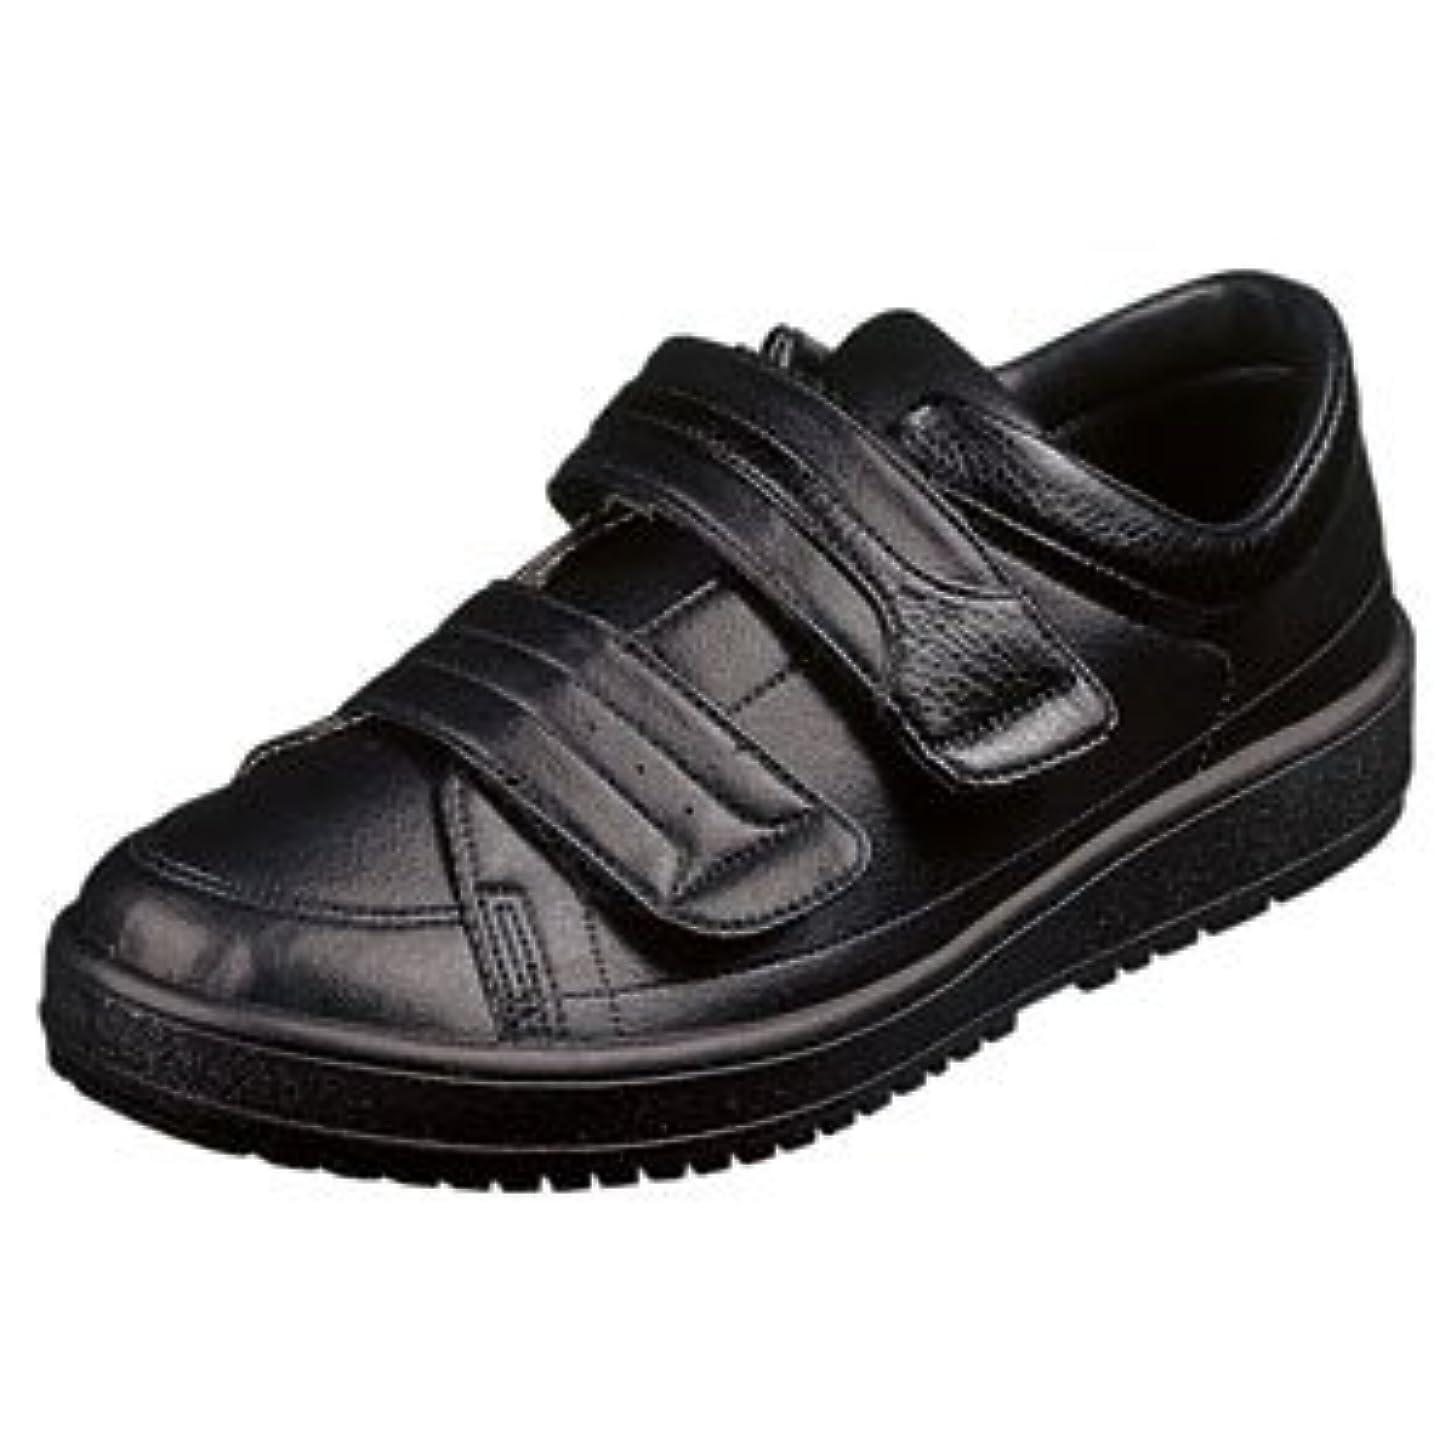 改修する勉強する大理石[ムーンスター] スニーカー (Vステップ04) メンズ 介護靴 リハビリ 装具対応 シューズ 靴 お取り寄せ商品ブラック27.0cm